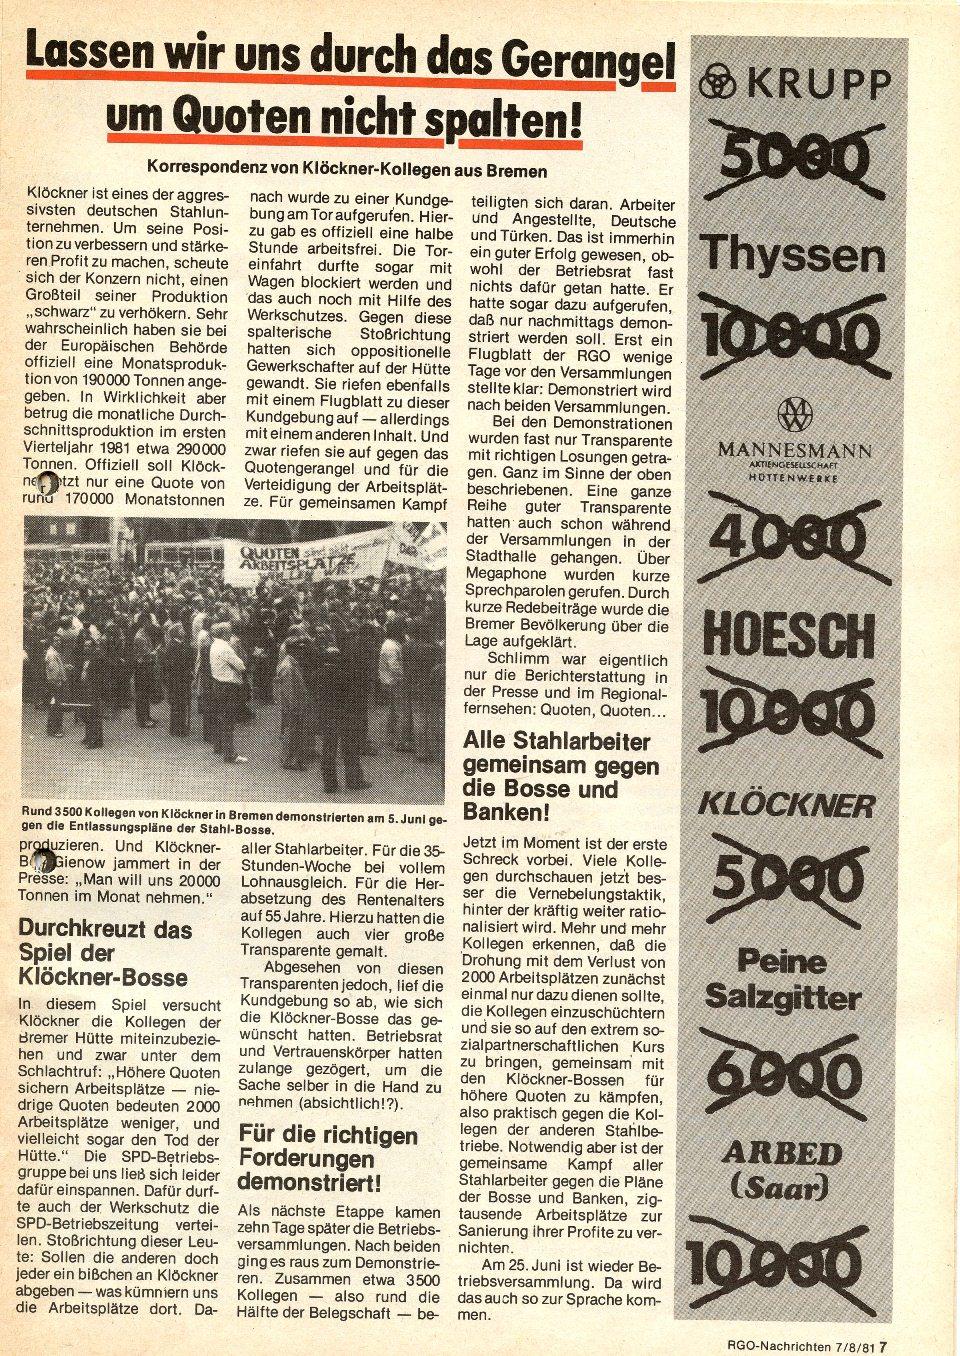 RGO_RGO_Nachrichten_1981_07_08_07